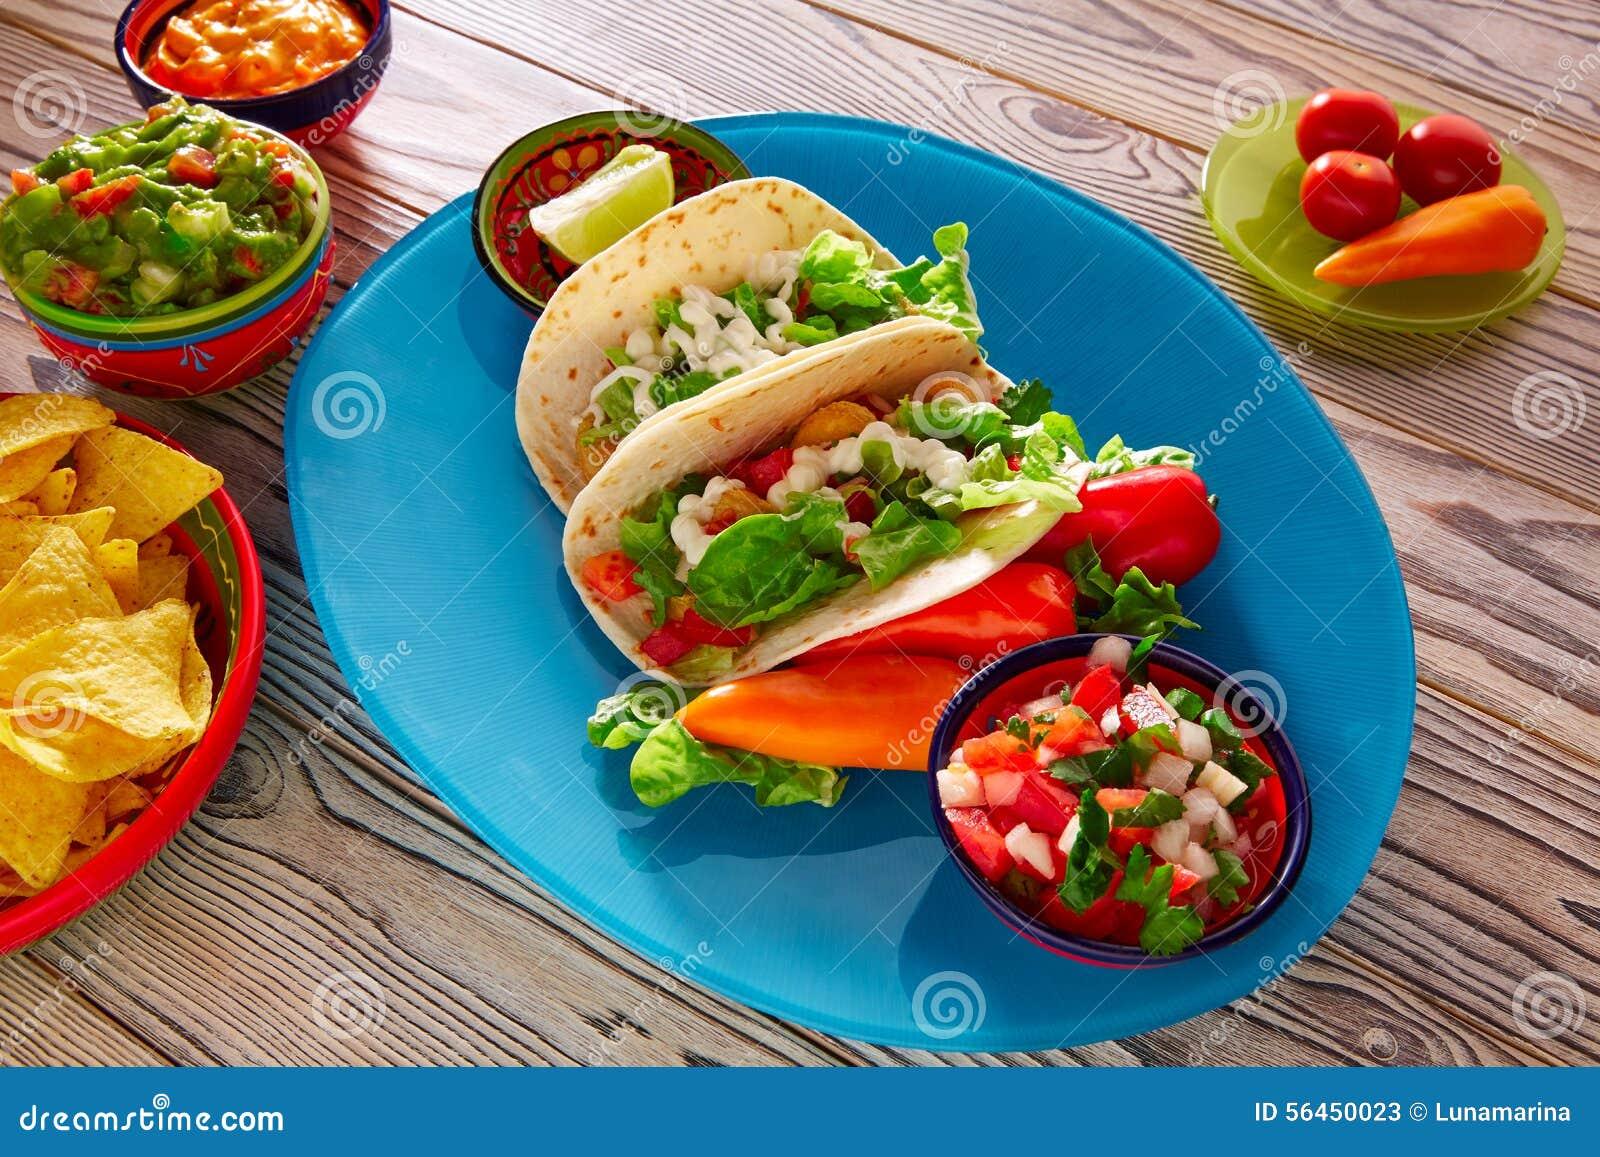 cheese sauce taco chili with nacho cheeze sauce taco chili with nacho ...